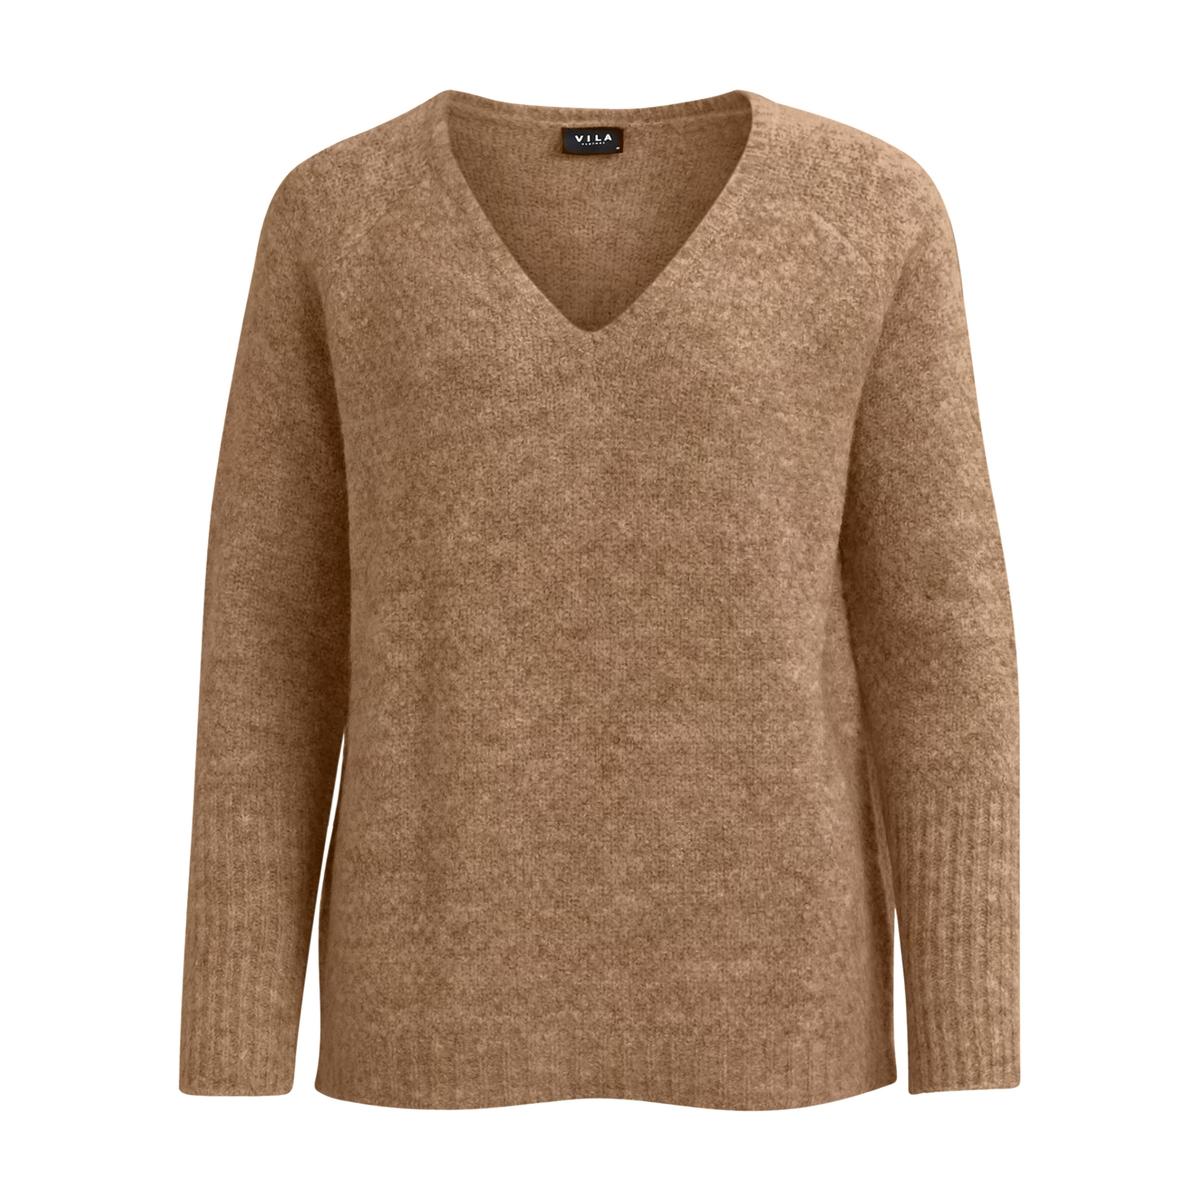 Пуловер с V-образным вырезом из тонкого трикотажа пуловер с v образным вырезом из тонкого трикотажа